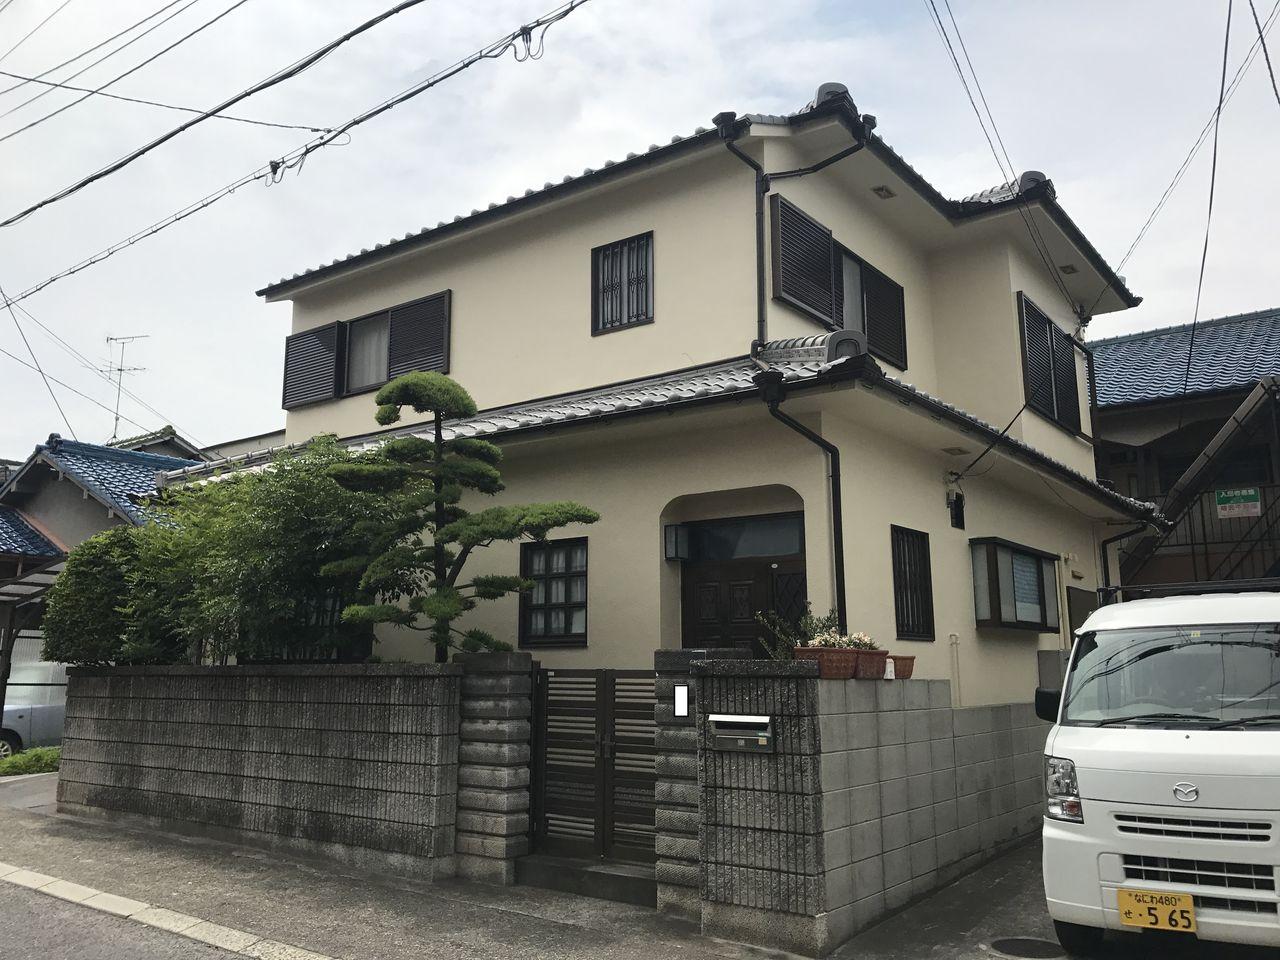 西口邸 河内長野市 外観 施工後 (1)